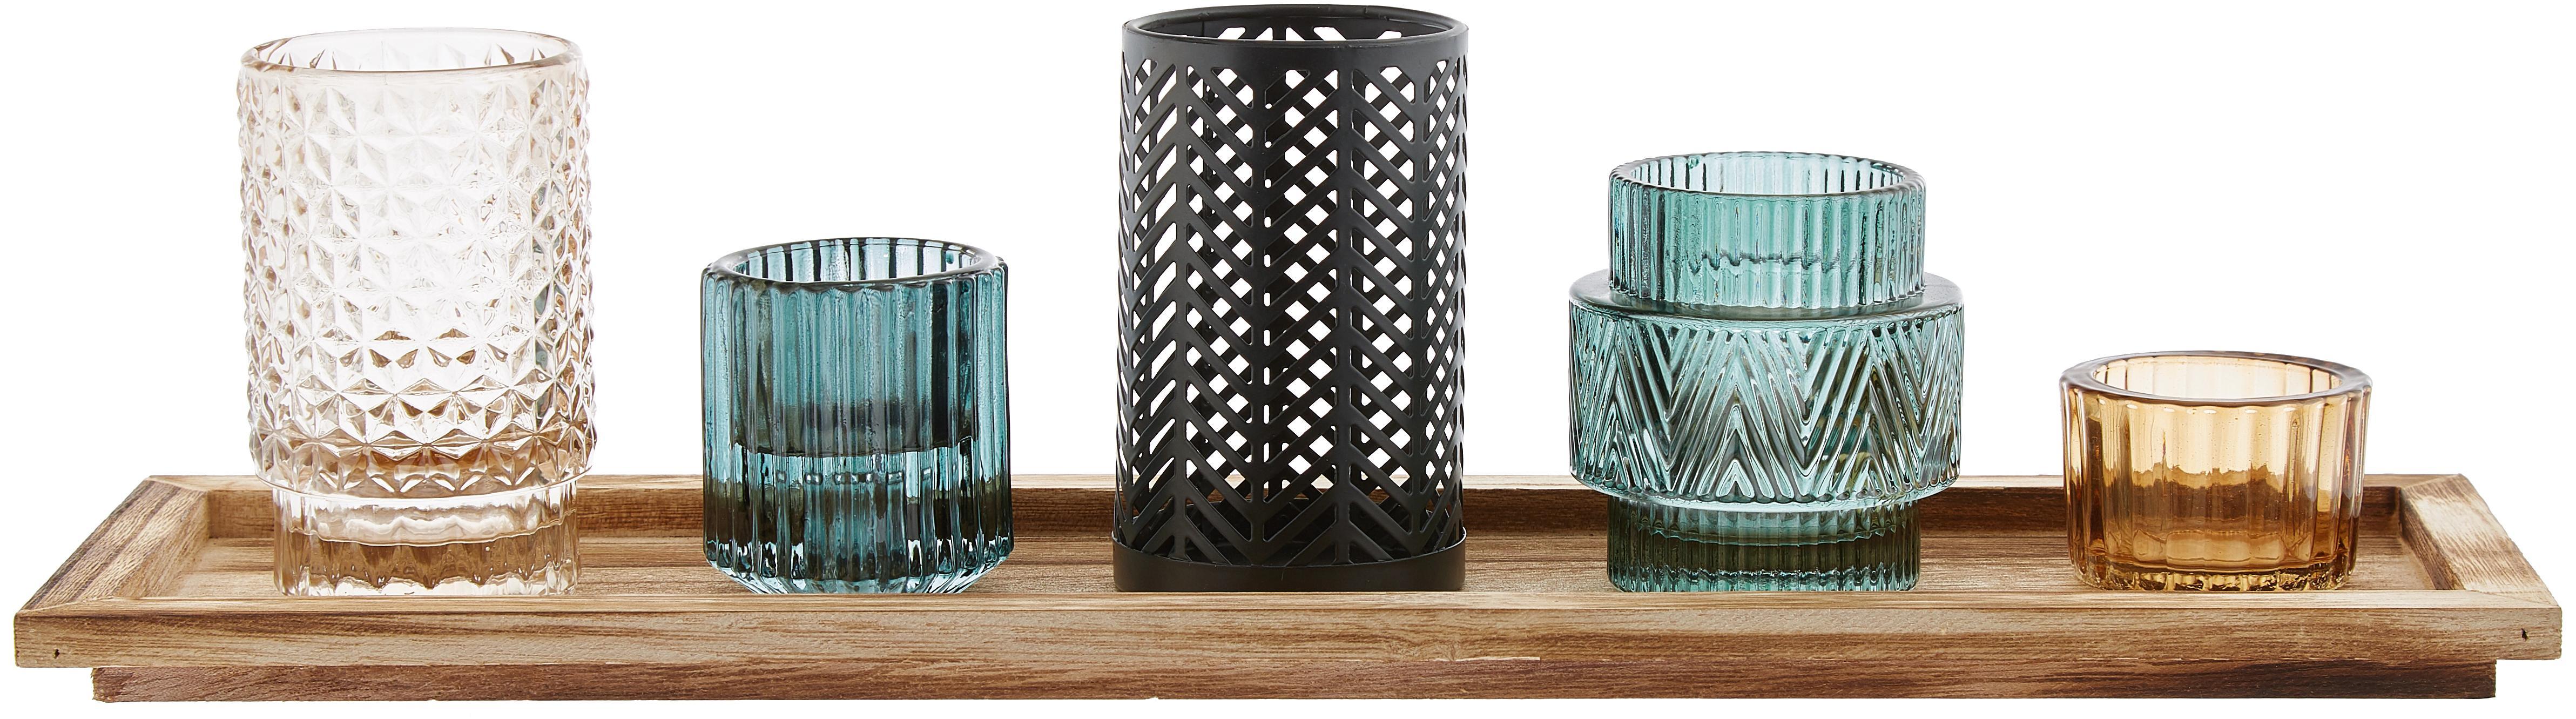 Set de portavelas Homa, 6pzas., Portavelas: vidrio pulverizado, Bandeja: madera de paulownia, Multicolor, An 43 x Al 11 cm